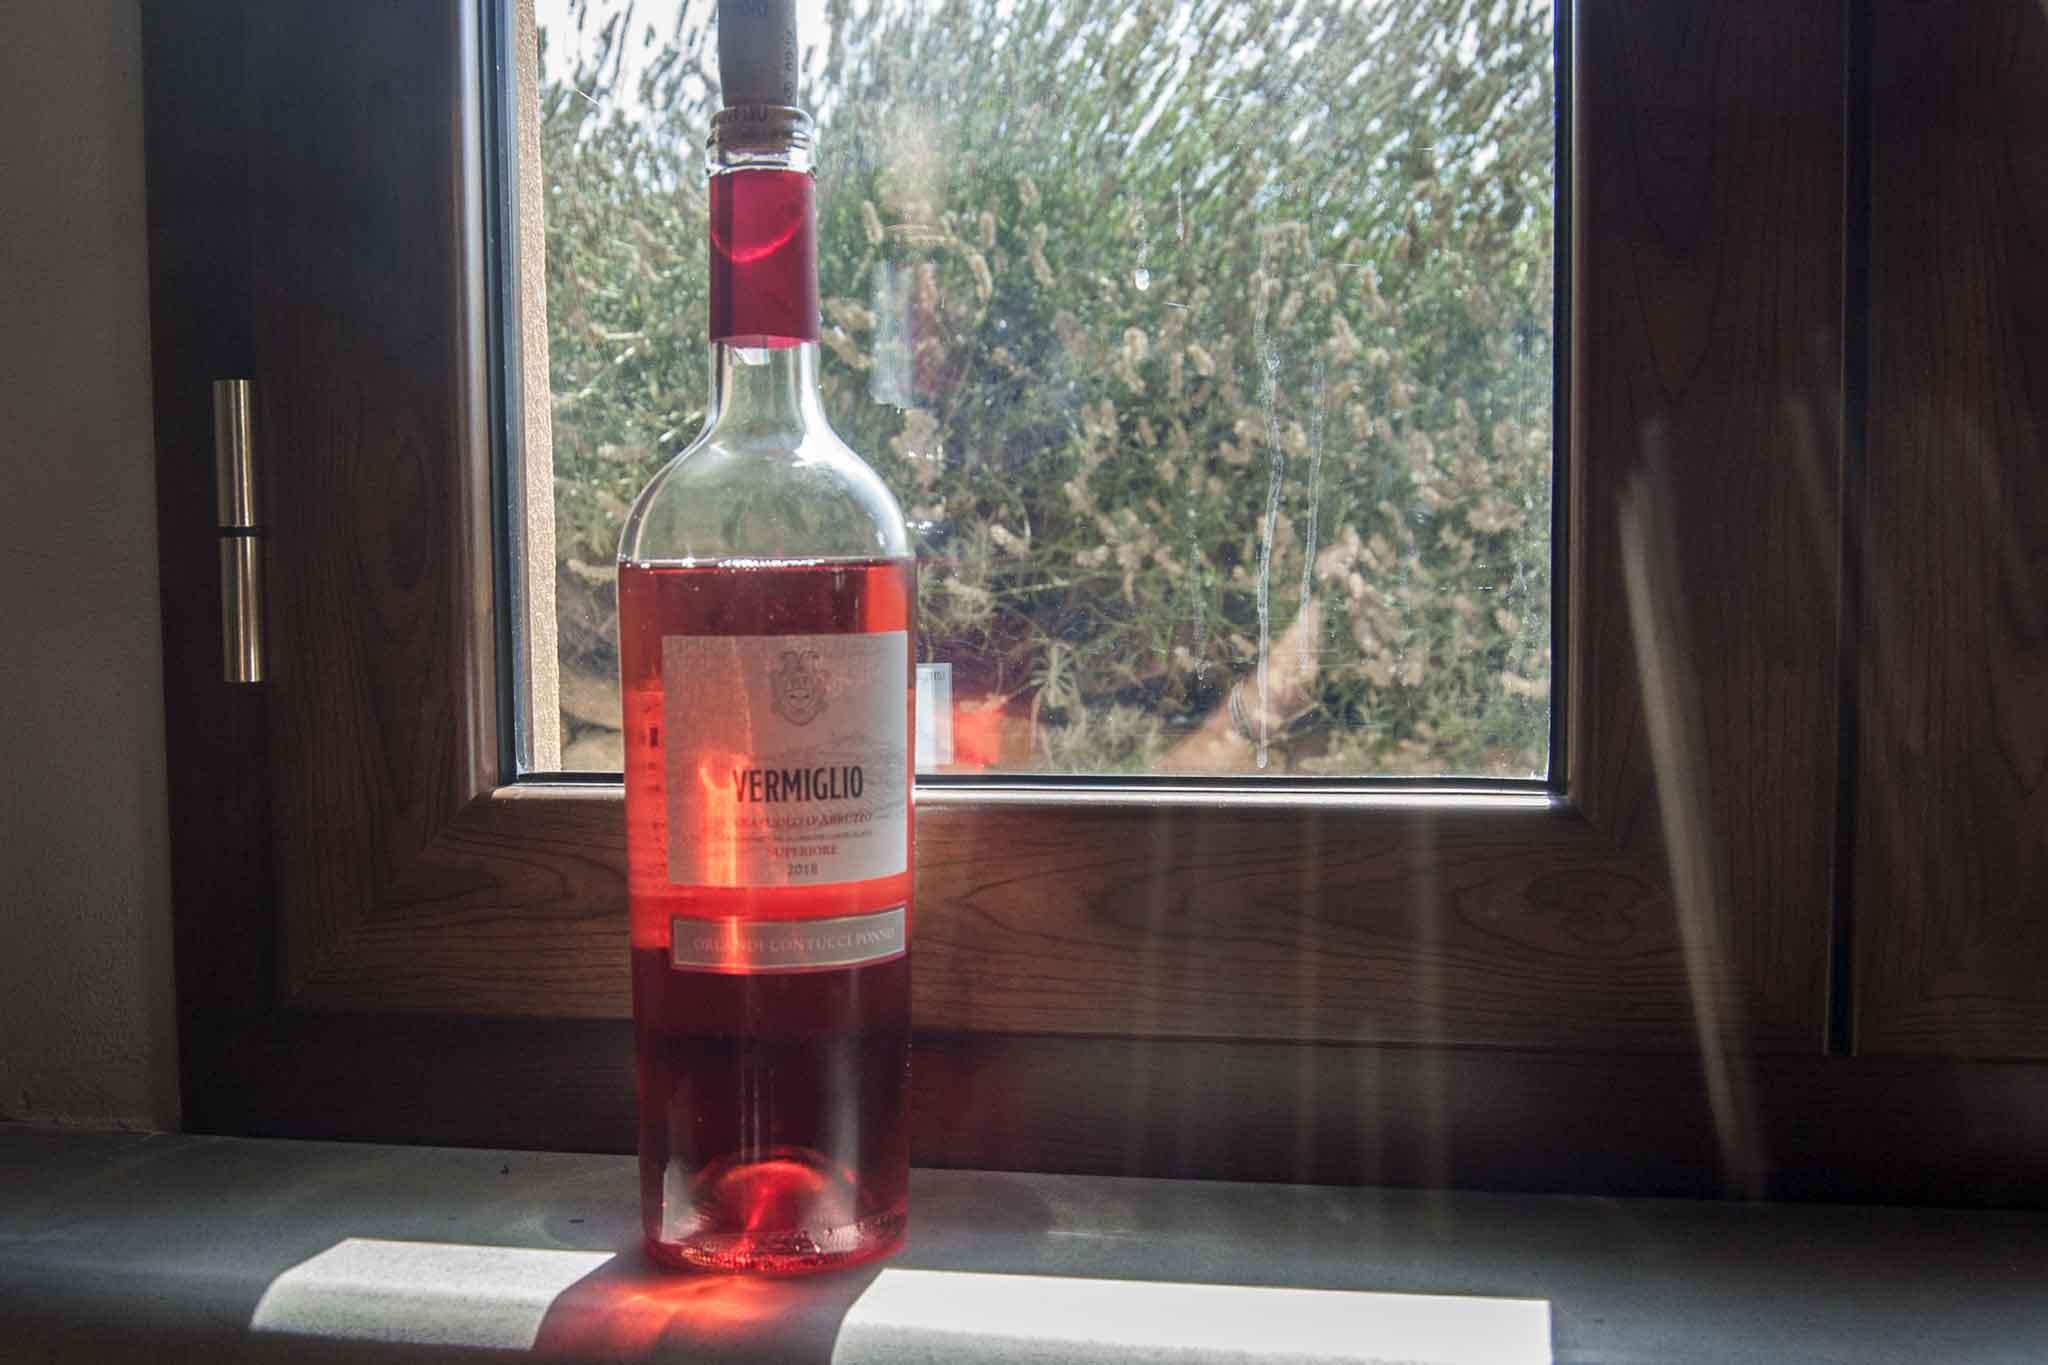 miglior vino rosato cerasuolo